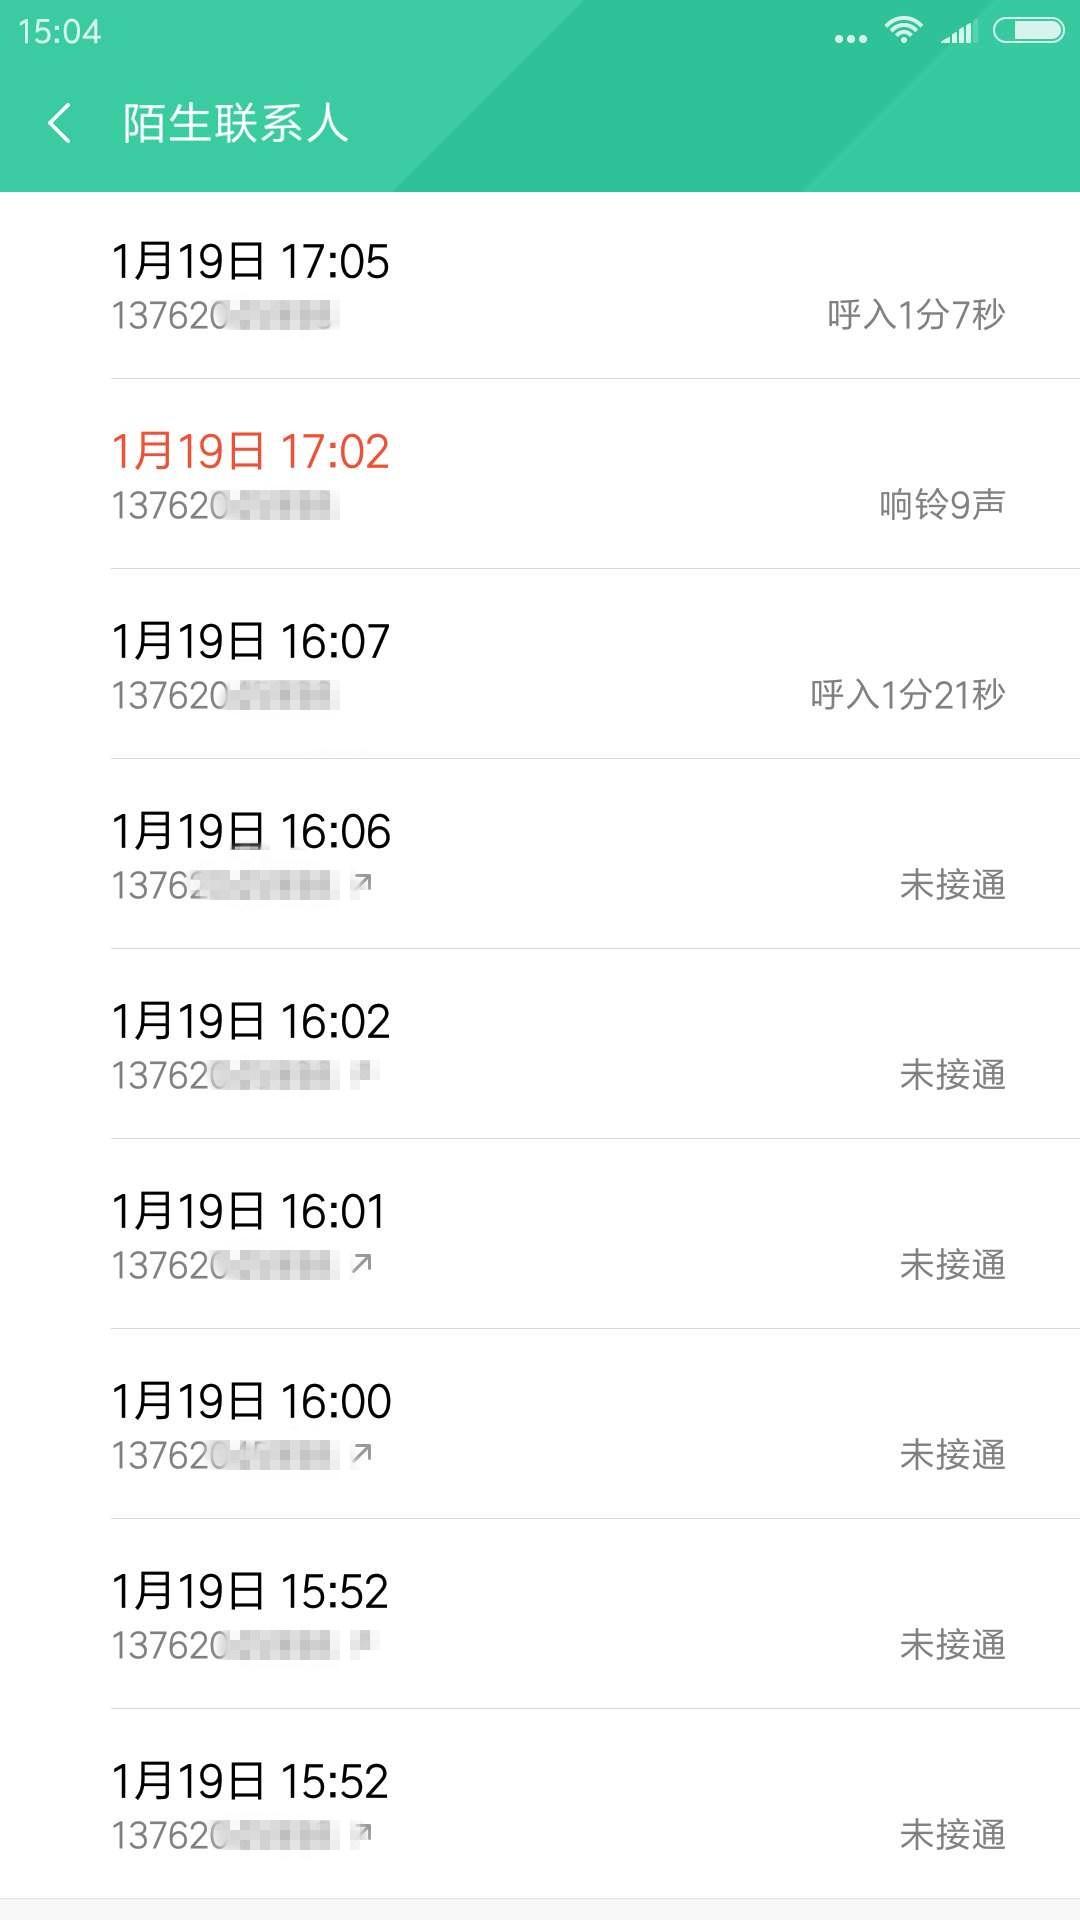 中国邮政平江EMS投递部极端不负责,遇事踢皮球